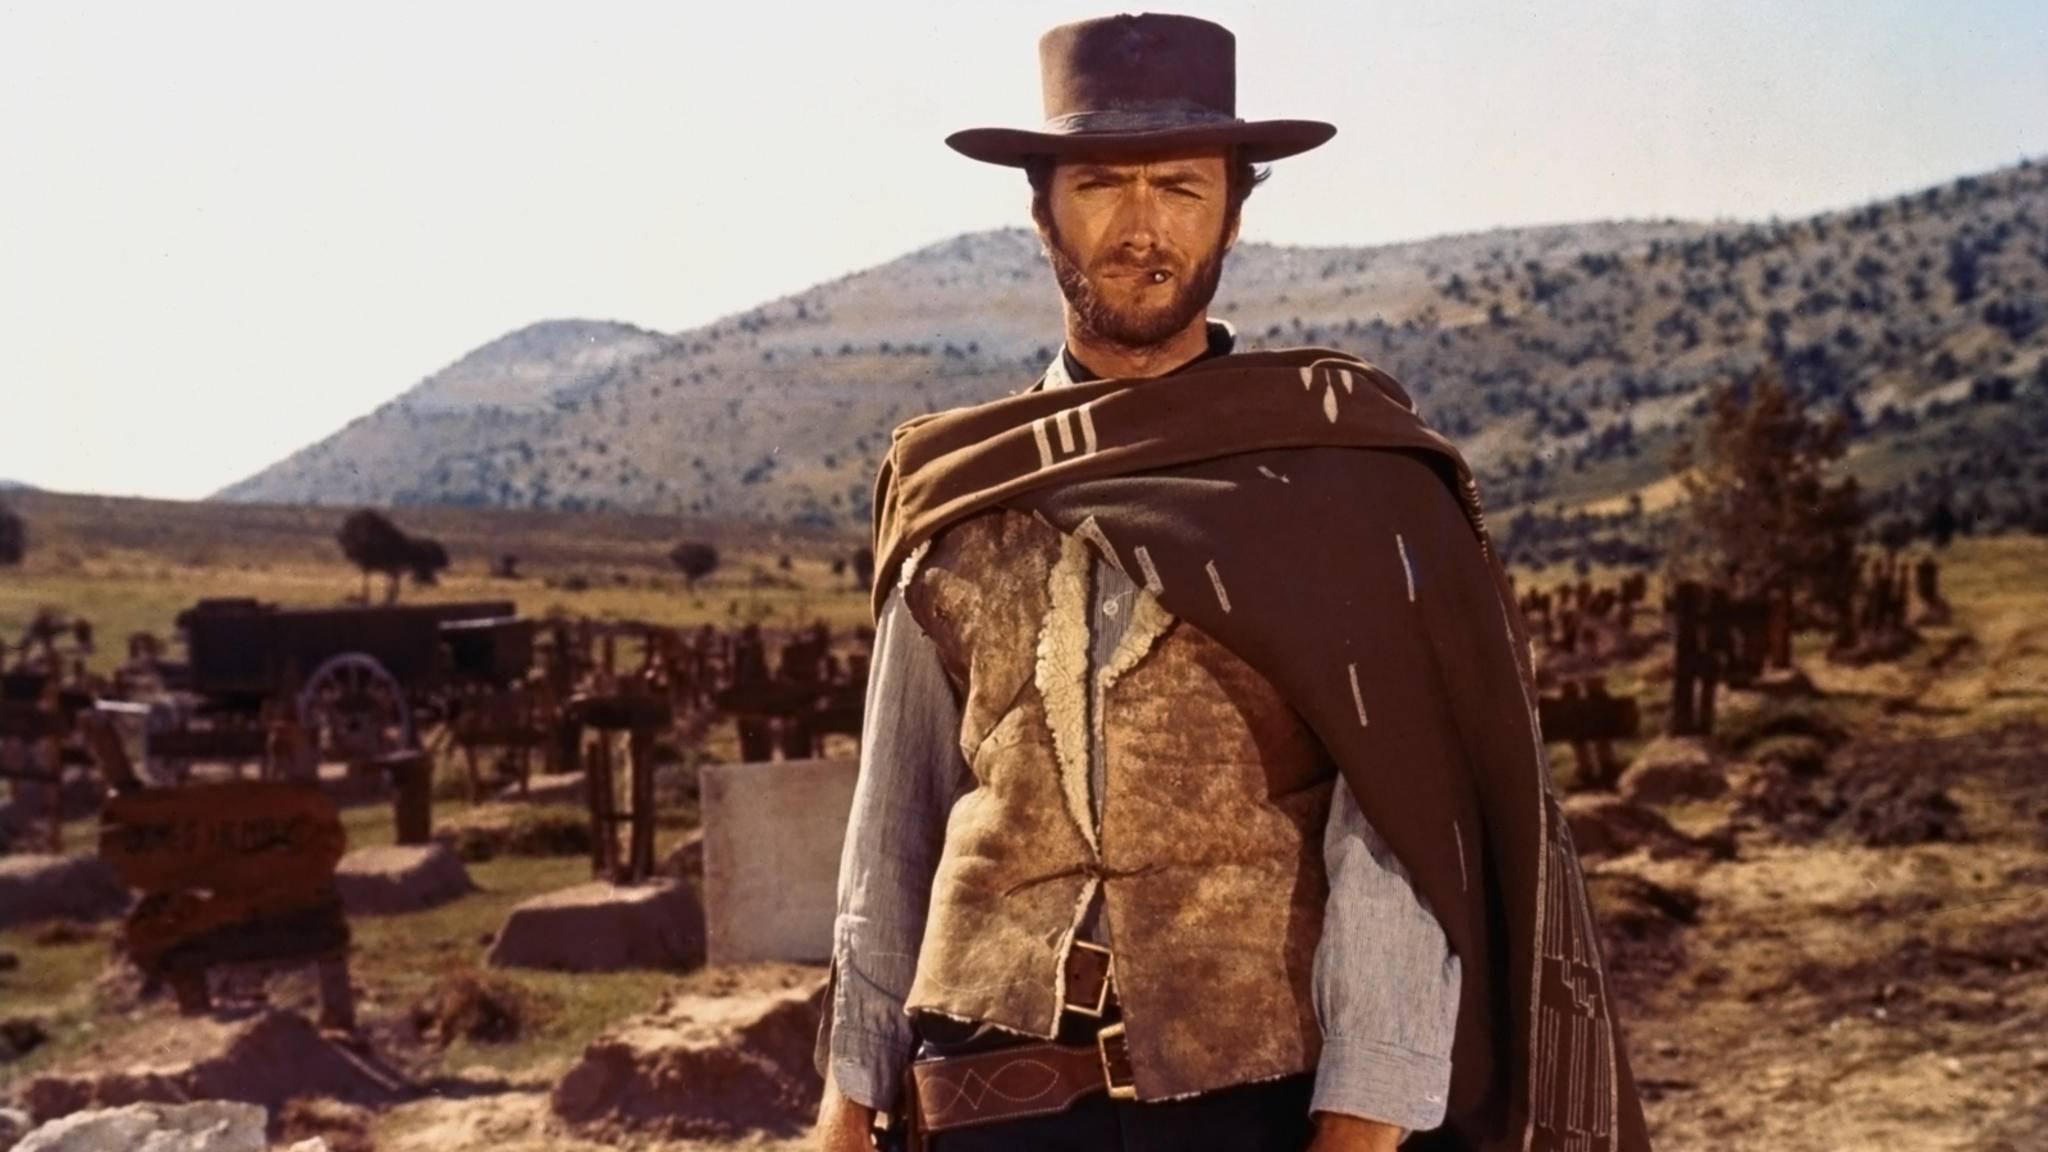 """Wer wohl in die Fußstapfen von Clint Eastwood tritt und zum """"Fremden"""" wird?"""